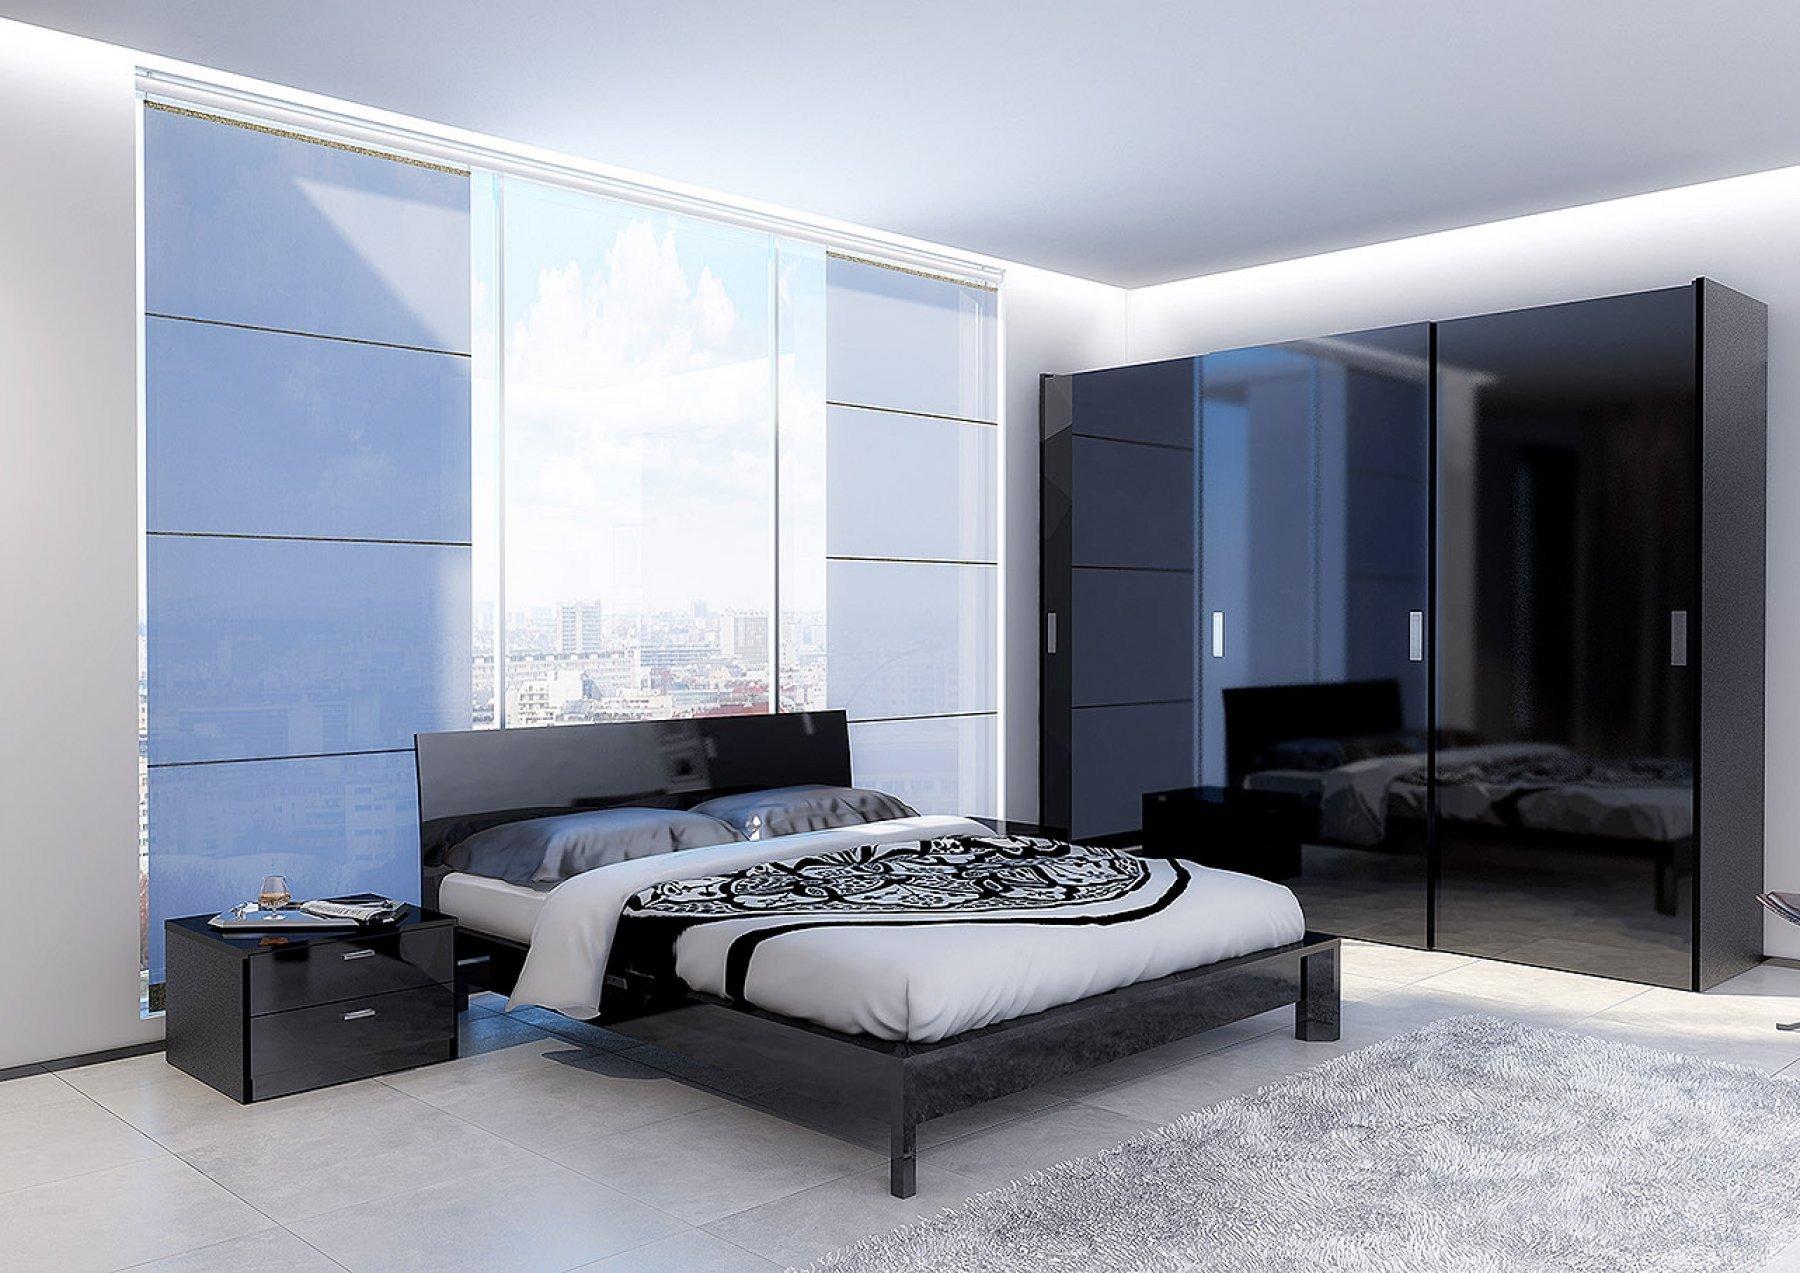 Голубой, серый и черный цвета в спальне